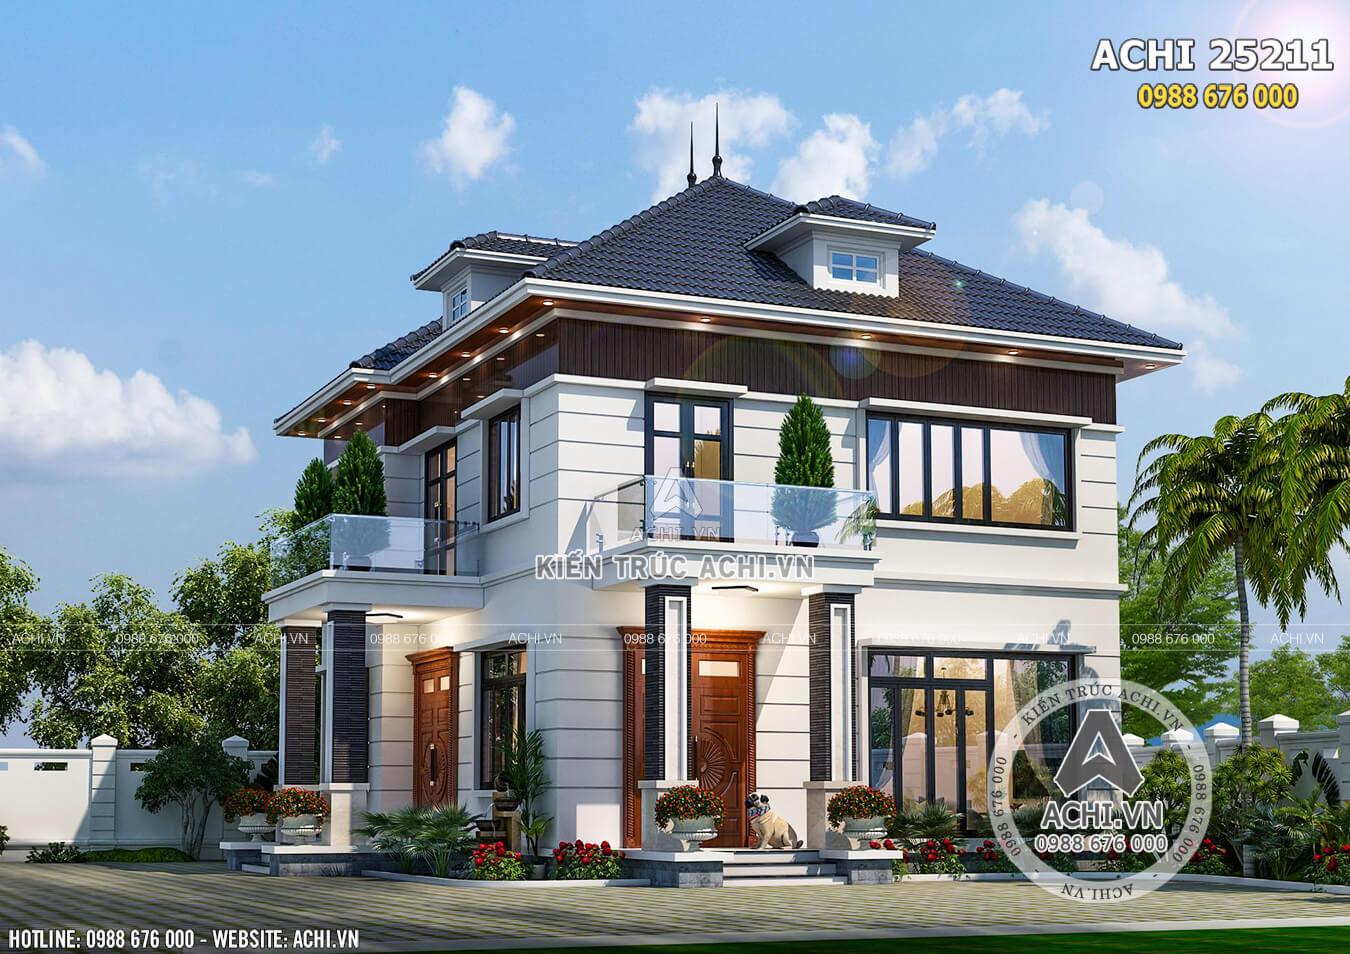 Mẫu nhà vuông 2 tầng đẹp 85m2 tại Hà Nội - ACHI 25211